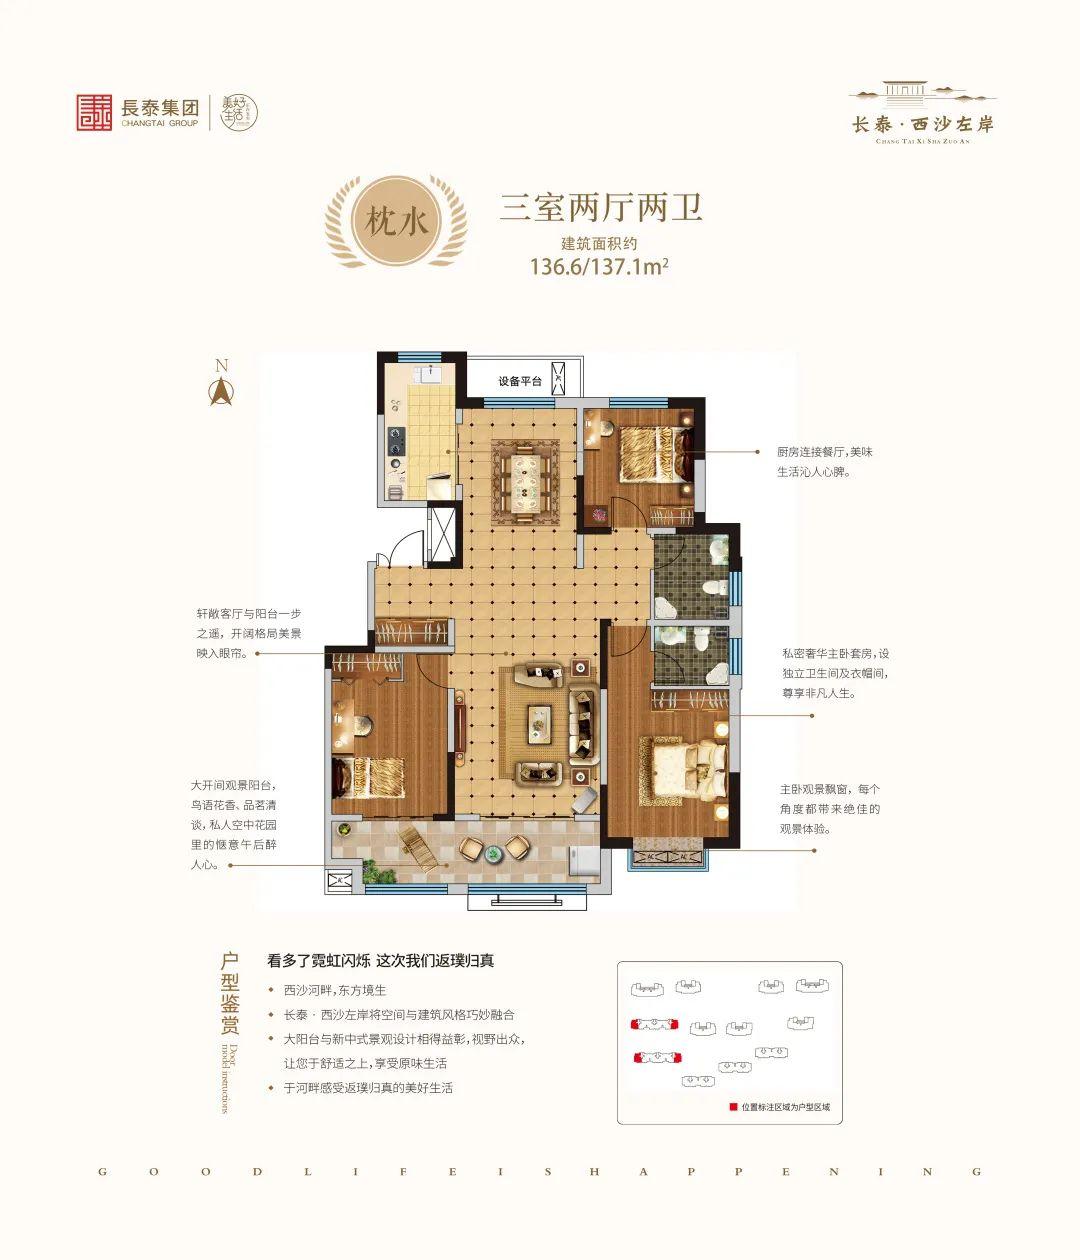 长泰•西沙左岸 | 敬师恩 贺中秋——9月双节活动惊喜来袭!(图33)